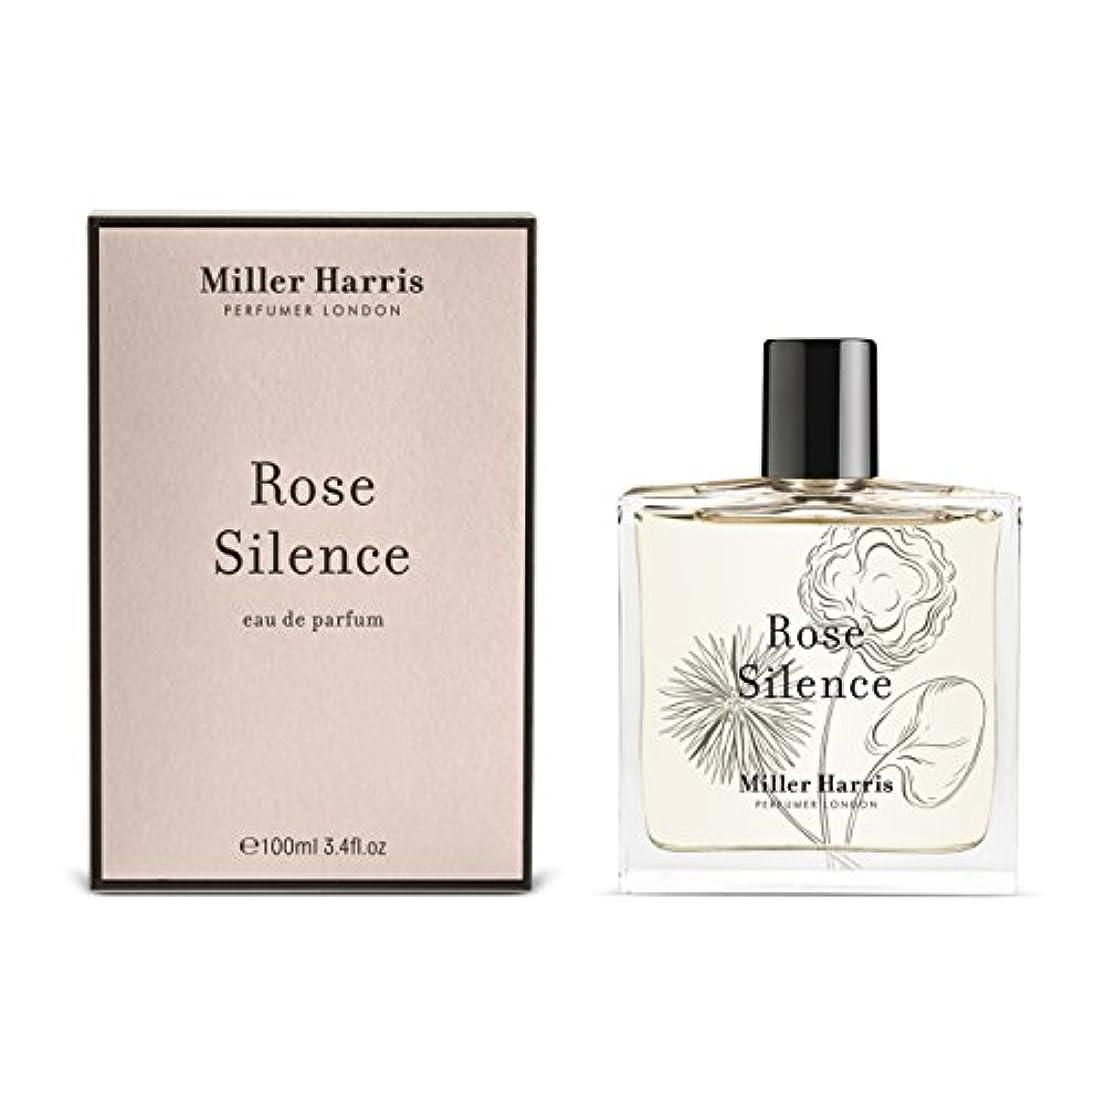 ディレクトリアイスクリーム高齢者ミラーハリス Rose Silence Eau Parfum Spray 100ml/3.4oz並行輸入品